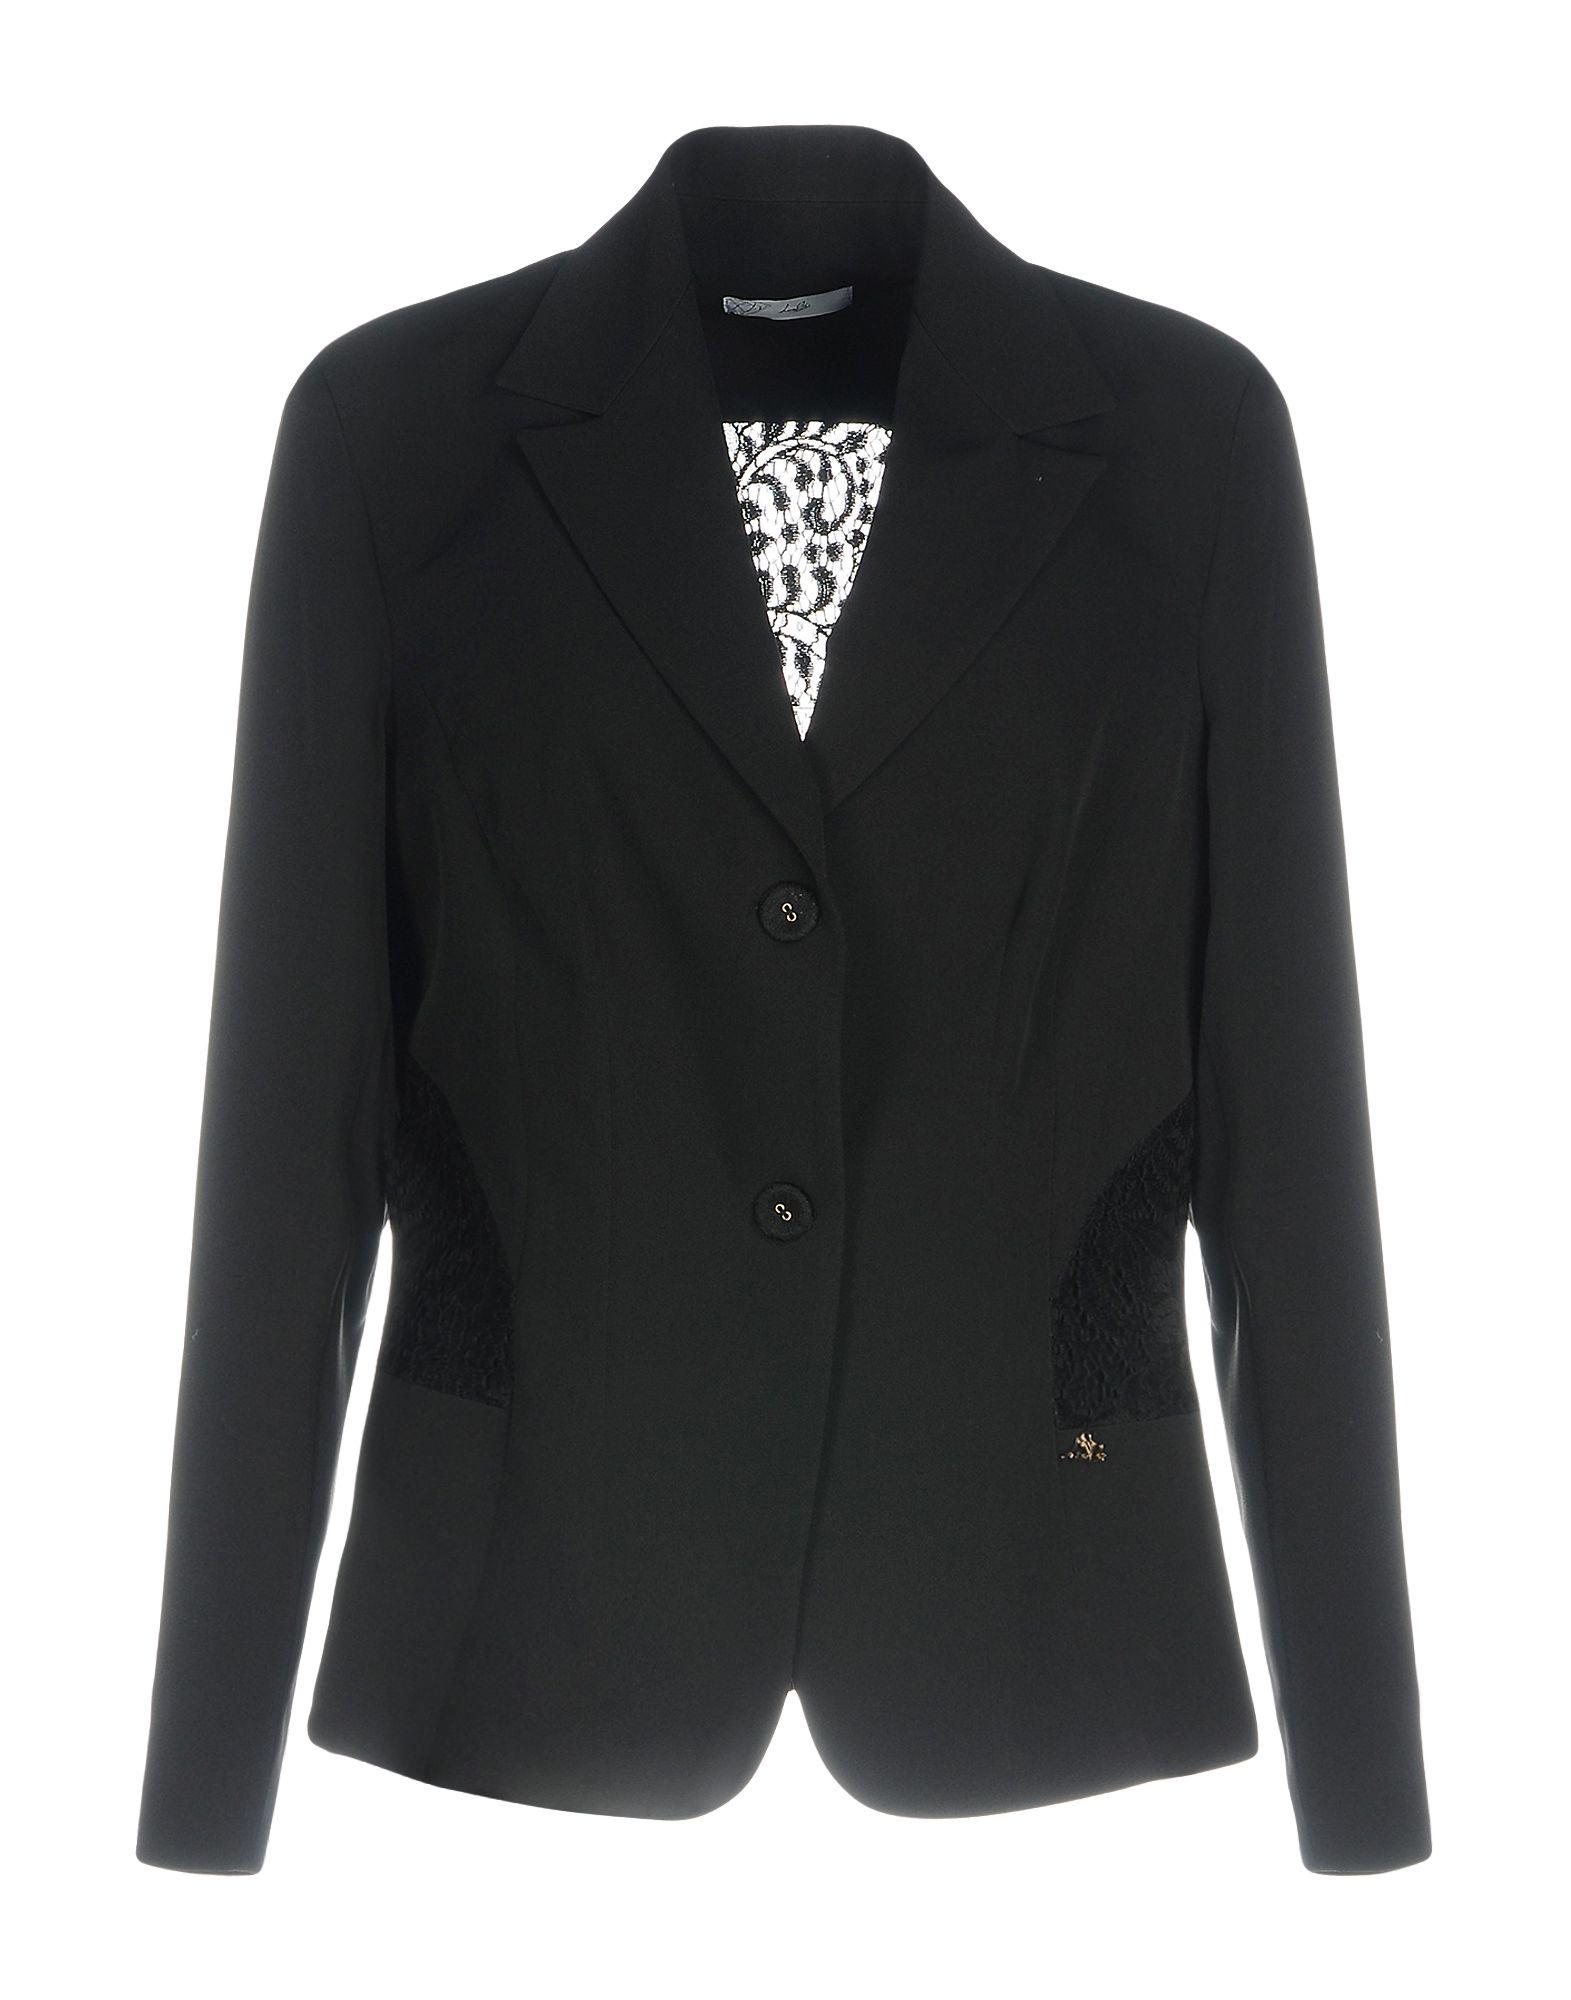 《期間限定セール中》LIZALU' DIAMOND レディース テーラードジャケット ブラック 44 ポリエステル 86% / ポリウレタン 14%